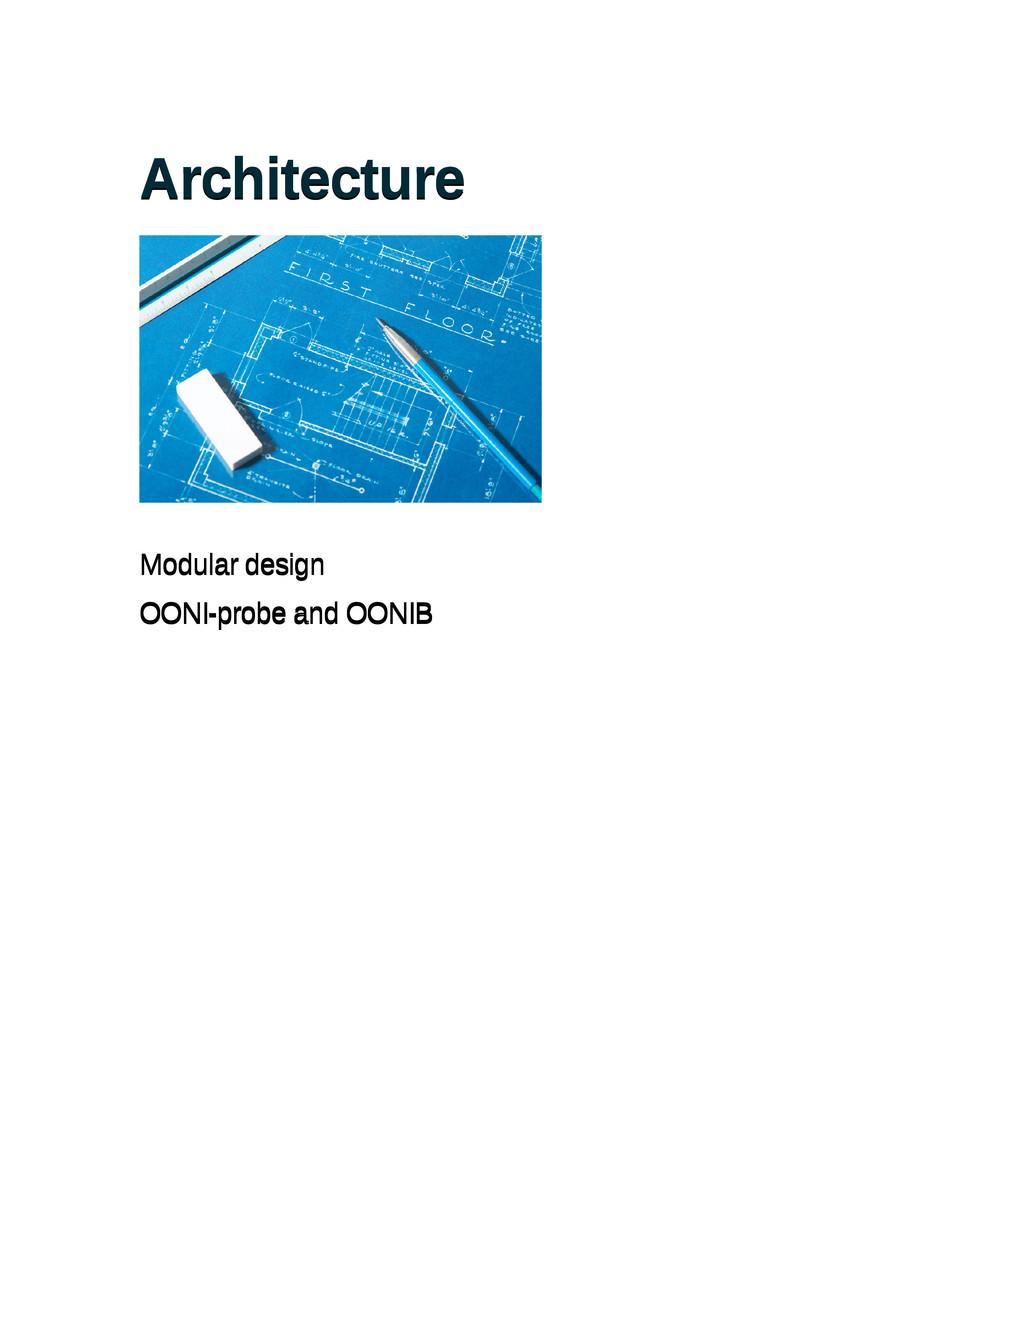 Architecture Architecture Modular design Modula...